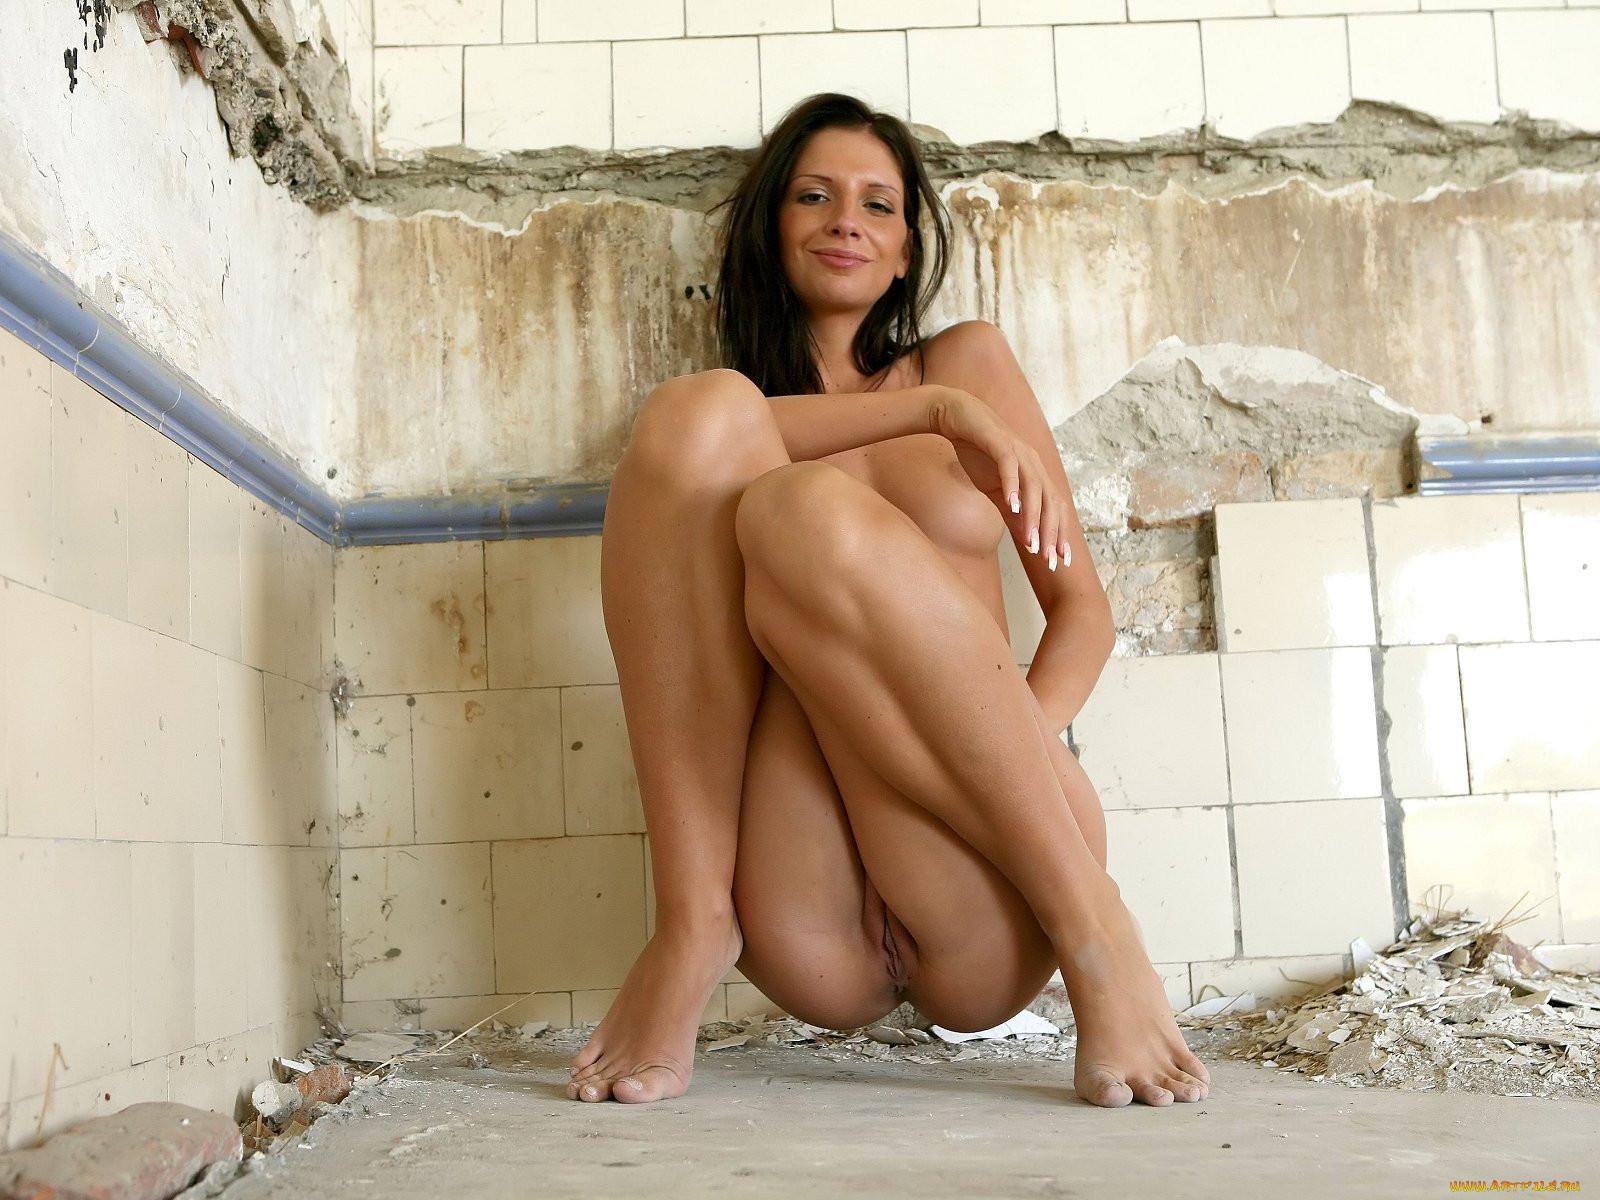 Порно фото на корточках фото 273-535